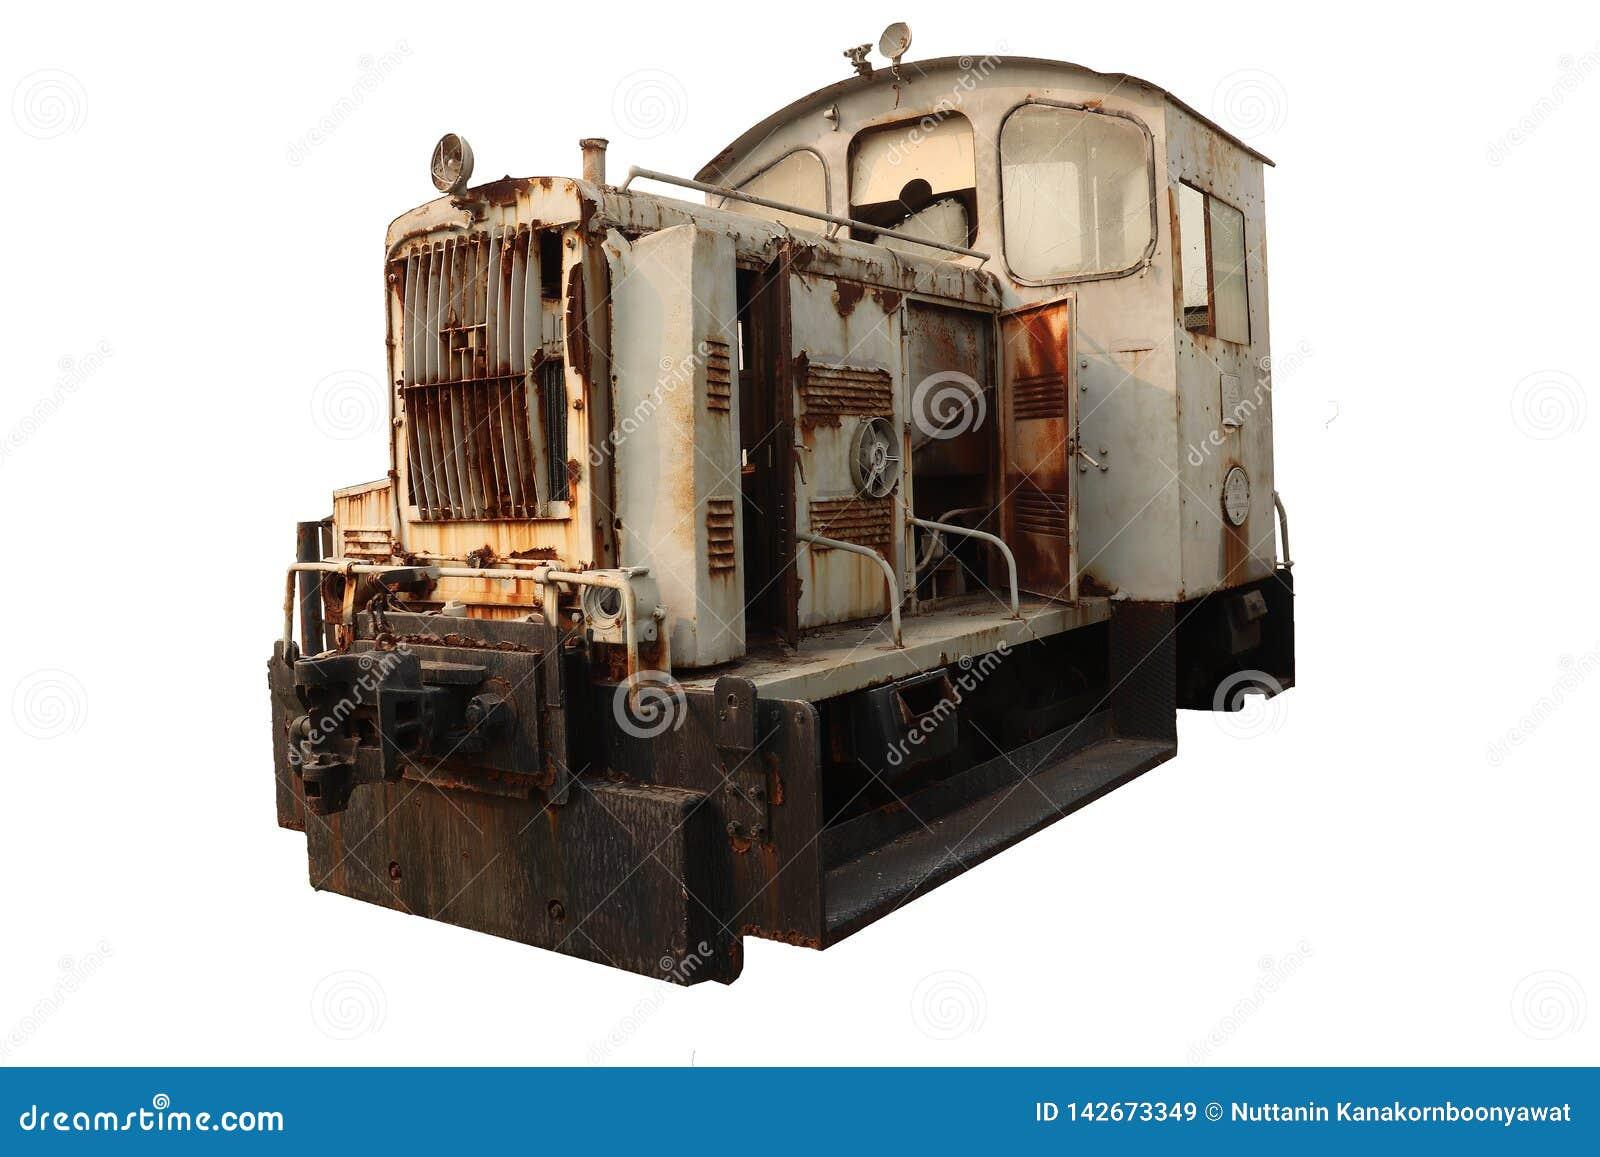 Trem avariado oxidado velho da minera??o, transporte de minera??o abandonado do trem isolado no fundo branco